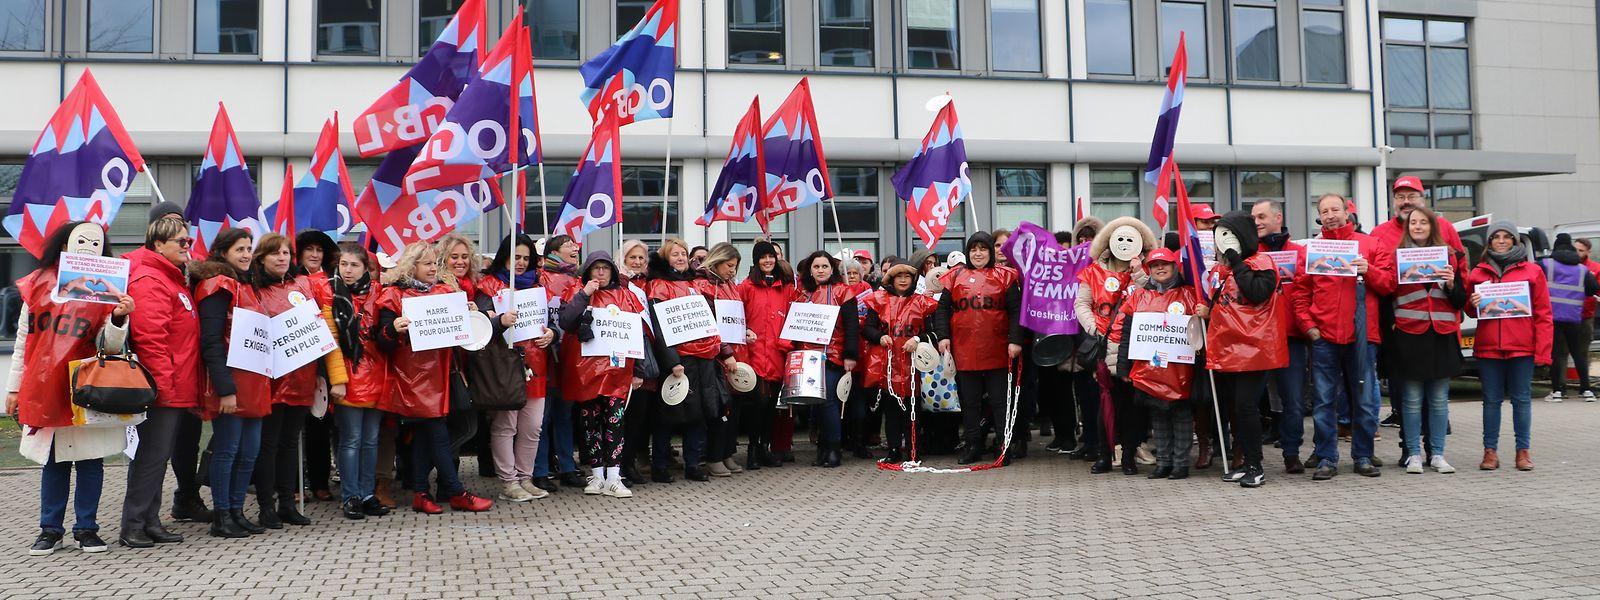 Les agents de nettoyage travaillant dans les bâtiments de la Commission européenne ont mis en avant pour la troisième fois leurs conditions de travail.